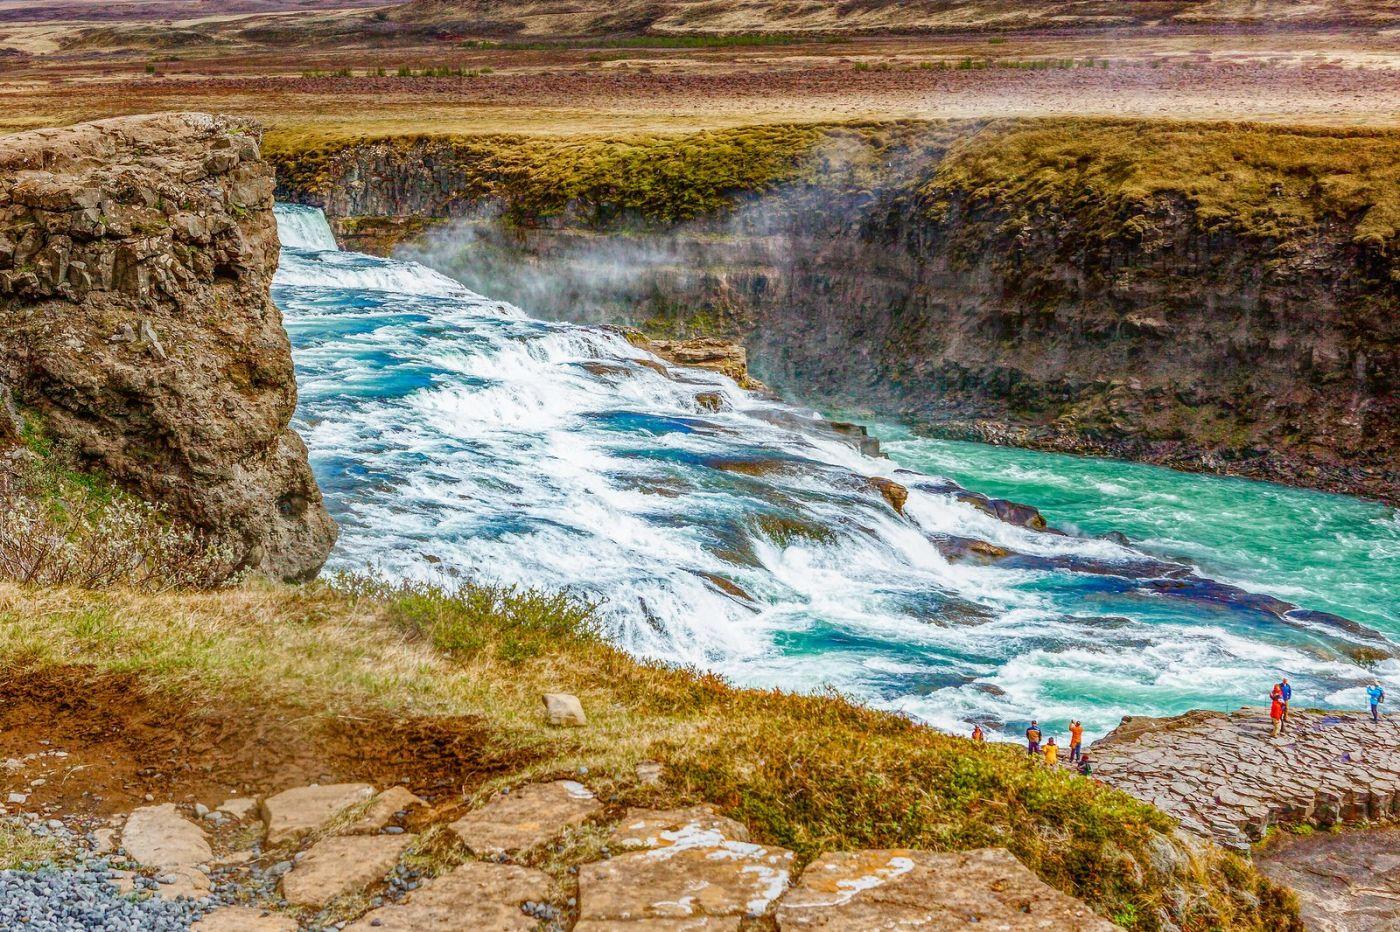 冰岛古佛斯瀑布(Gullfoss),气势磅礴_图1-9